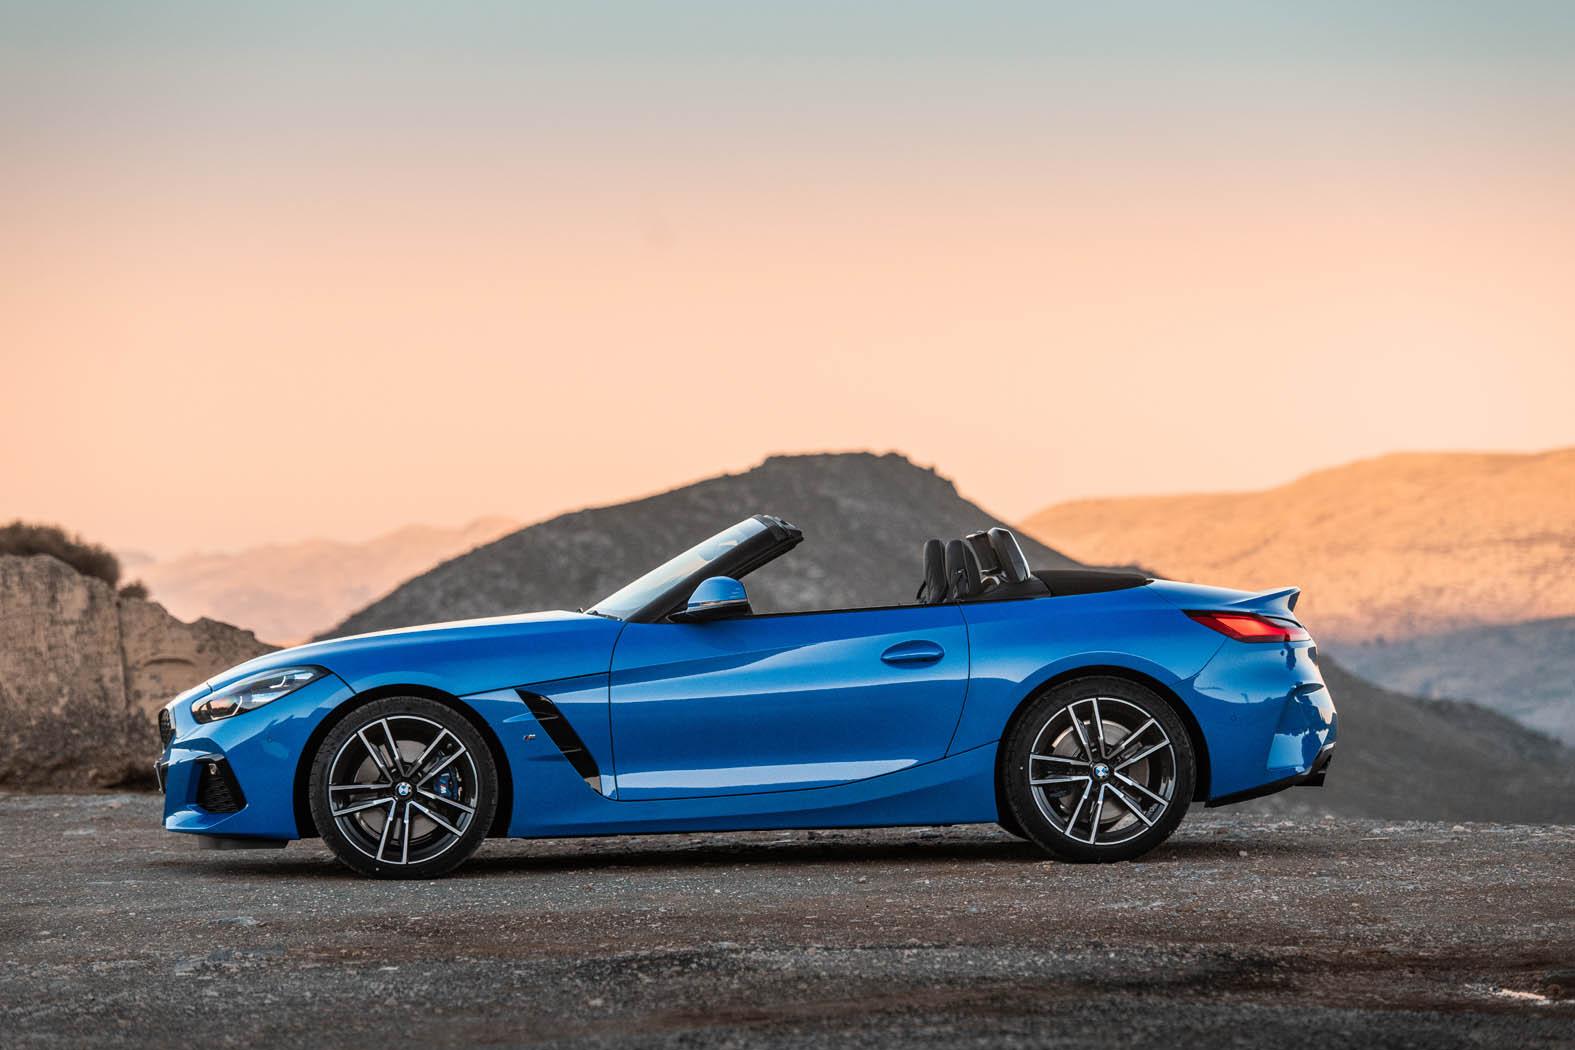 New BMW Z4 a class act | Eurekar